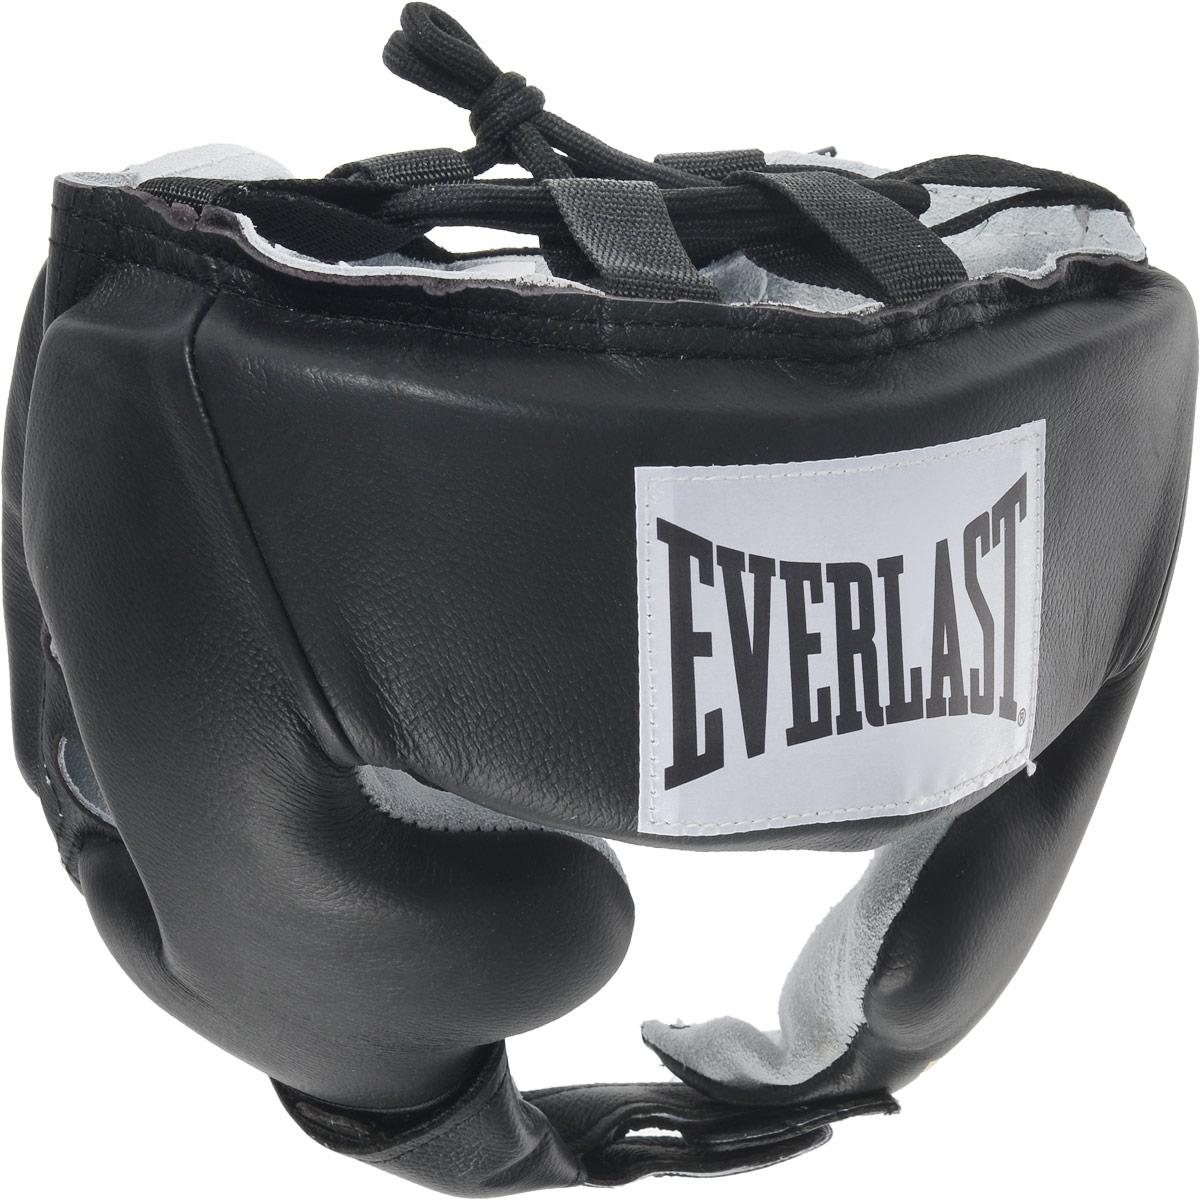 """Everlast """"USA Boxing Cheek"""" - боксерский шлем, разработанный для выступления на любительских соревнованиях и одобренный ассоциацией USA Boxing. Плотный четырехслойный пенный наполнитель превосходно амортизирует удары и значительно снижает риск травмы. Качественная натуральная кожа (снаружи) и не менее качественная замша (внутри) обеспечивают значительный запас прочности и отличную износоустойчивость. Подгонка под необходимый размер и фиксация на голове происходят за счет надежной застежки на липучке. Если вы еще ищите шлем для предстоящих соревнований, то Everlast """"USA Boxing Cheek"""" - это ваш выбор! Диаметр головы: 20 см."""